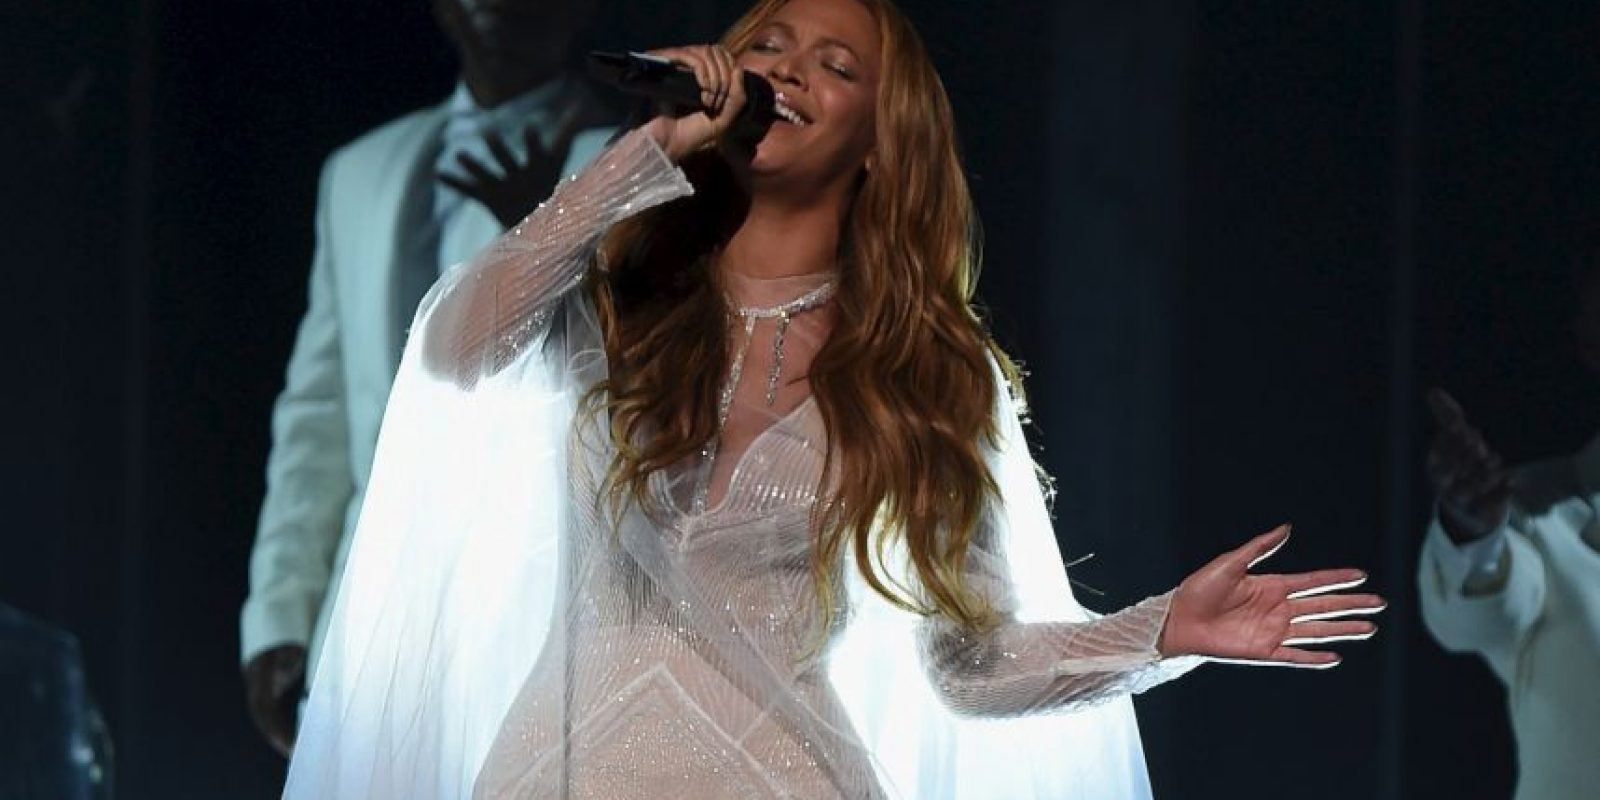 El 28 de agosto de 2011 anunció su primer embarazo, fruto del matrimonio con el rapero Jay-Z. Foto:Getty Images